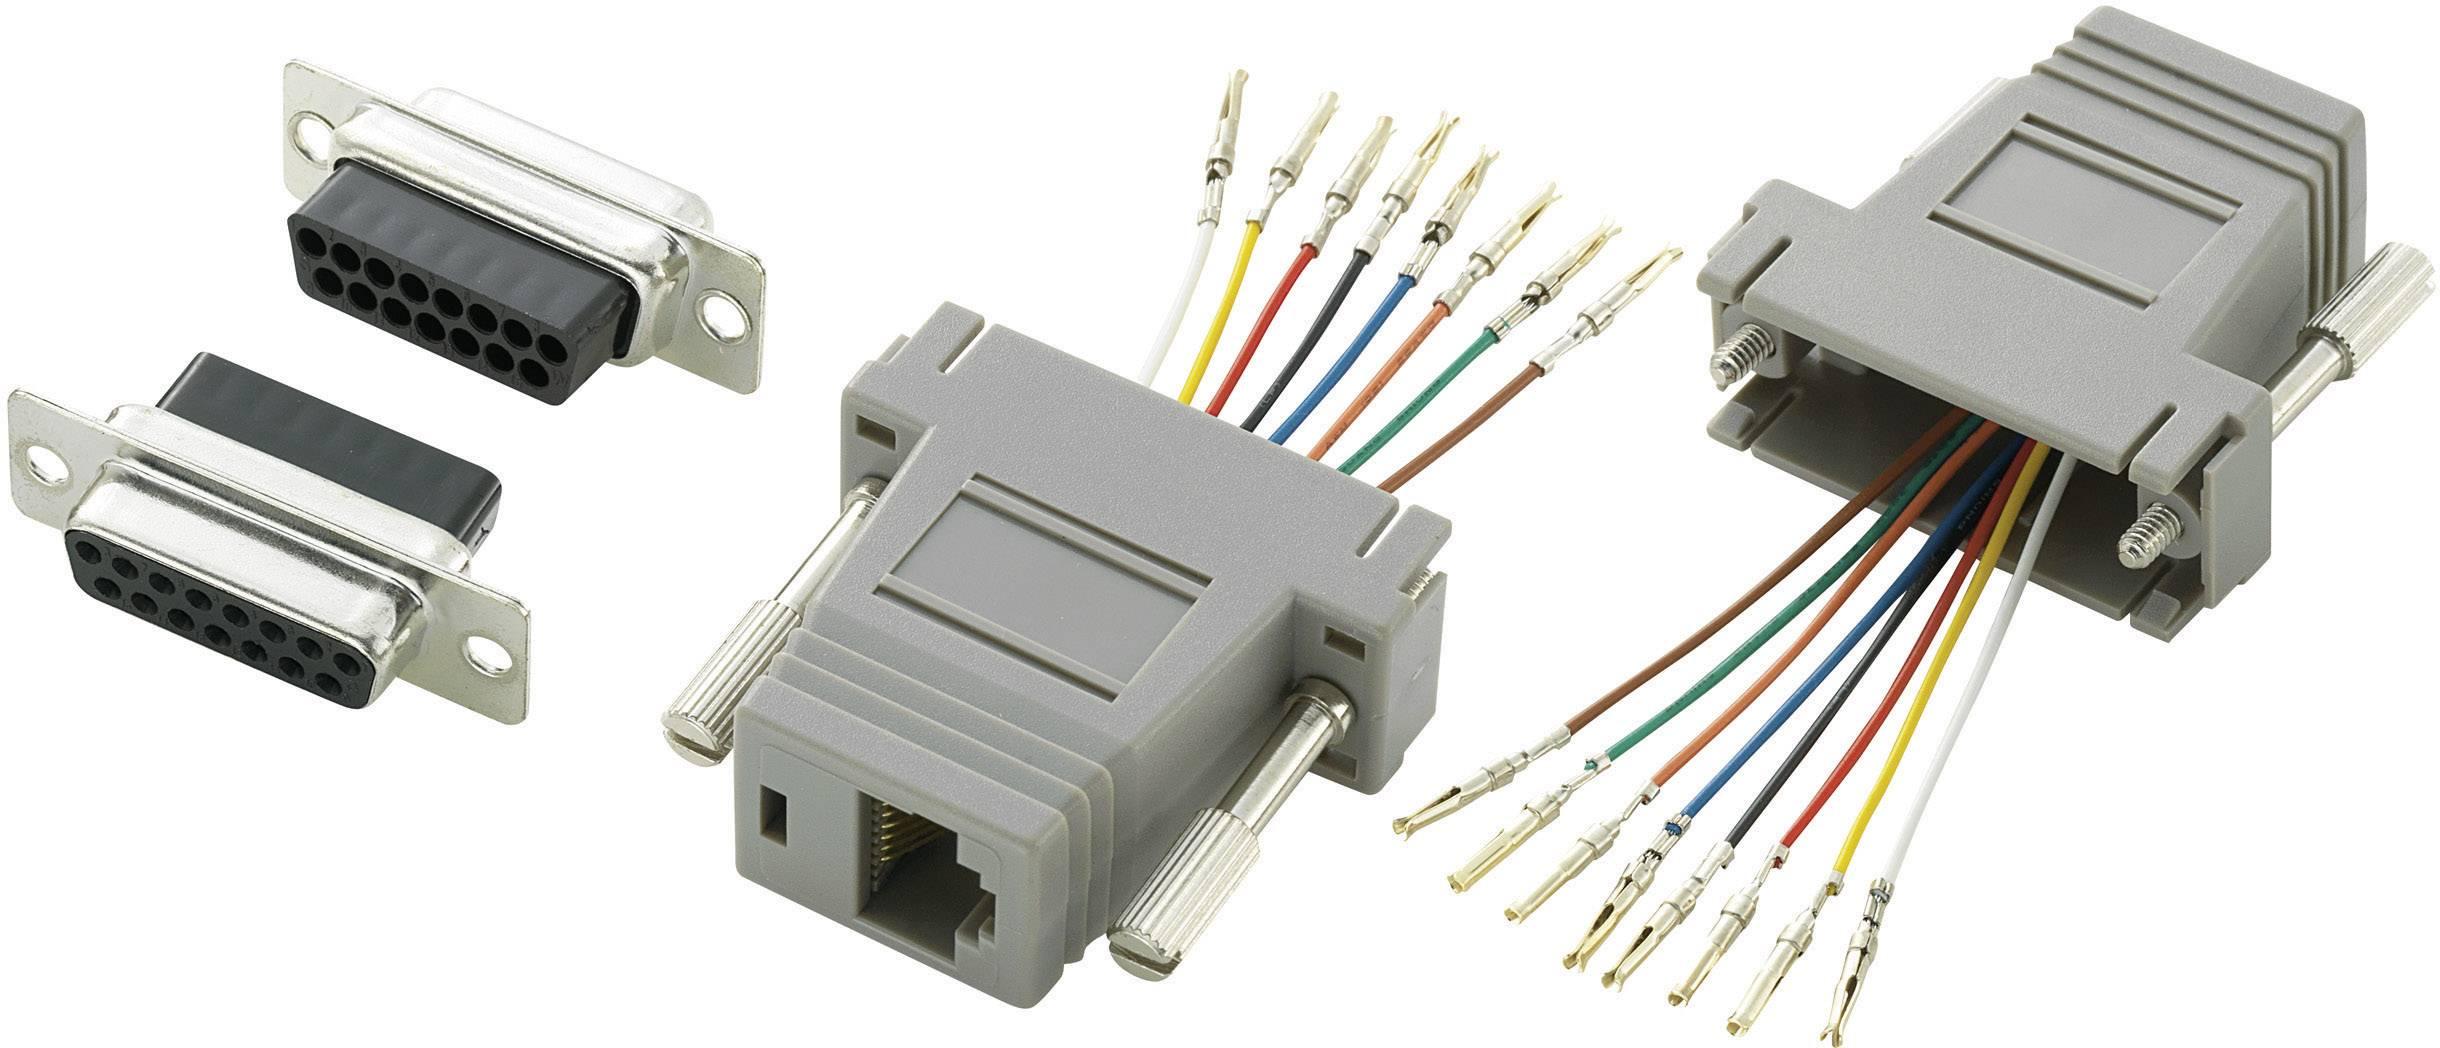 D-SUB adaptér TRU COMPONENTS 407778 D-SUB zásuvka 15-pólová - RJ45 zásvuka, 1 ks